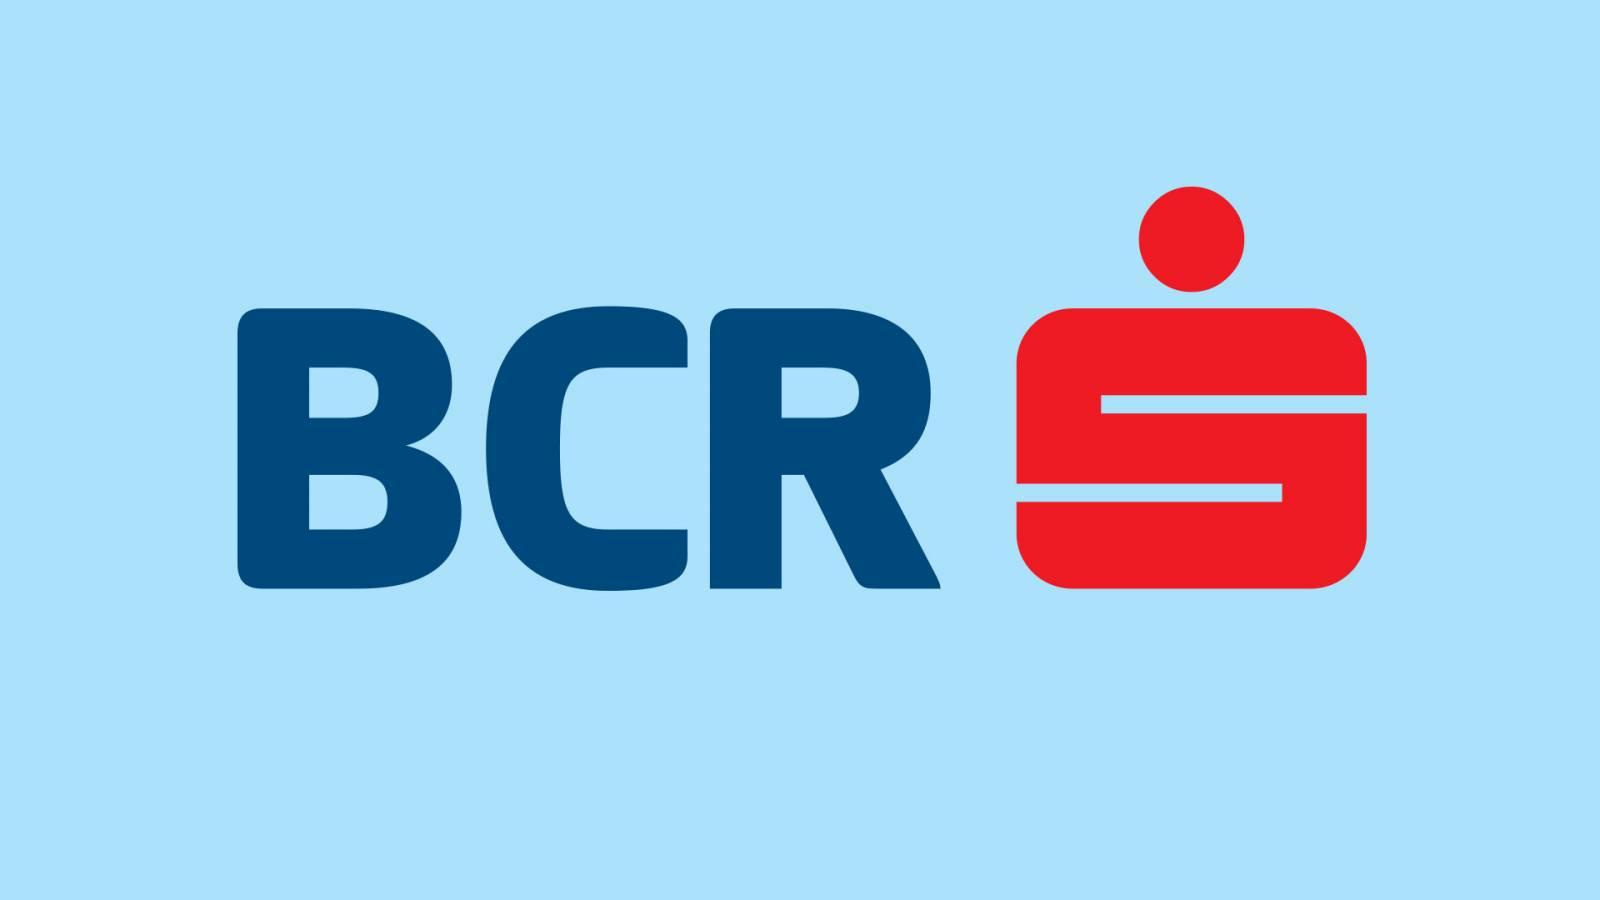 BCR Romania deautentificare